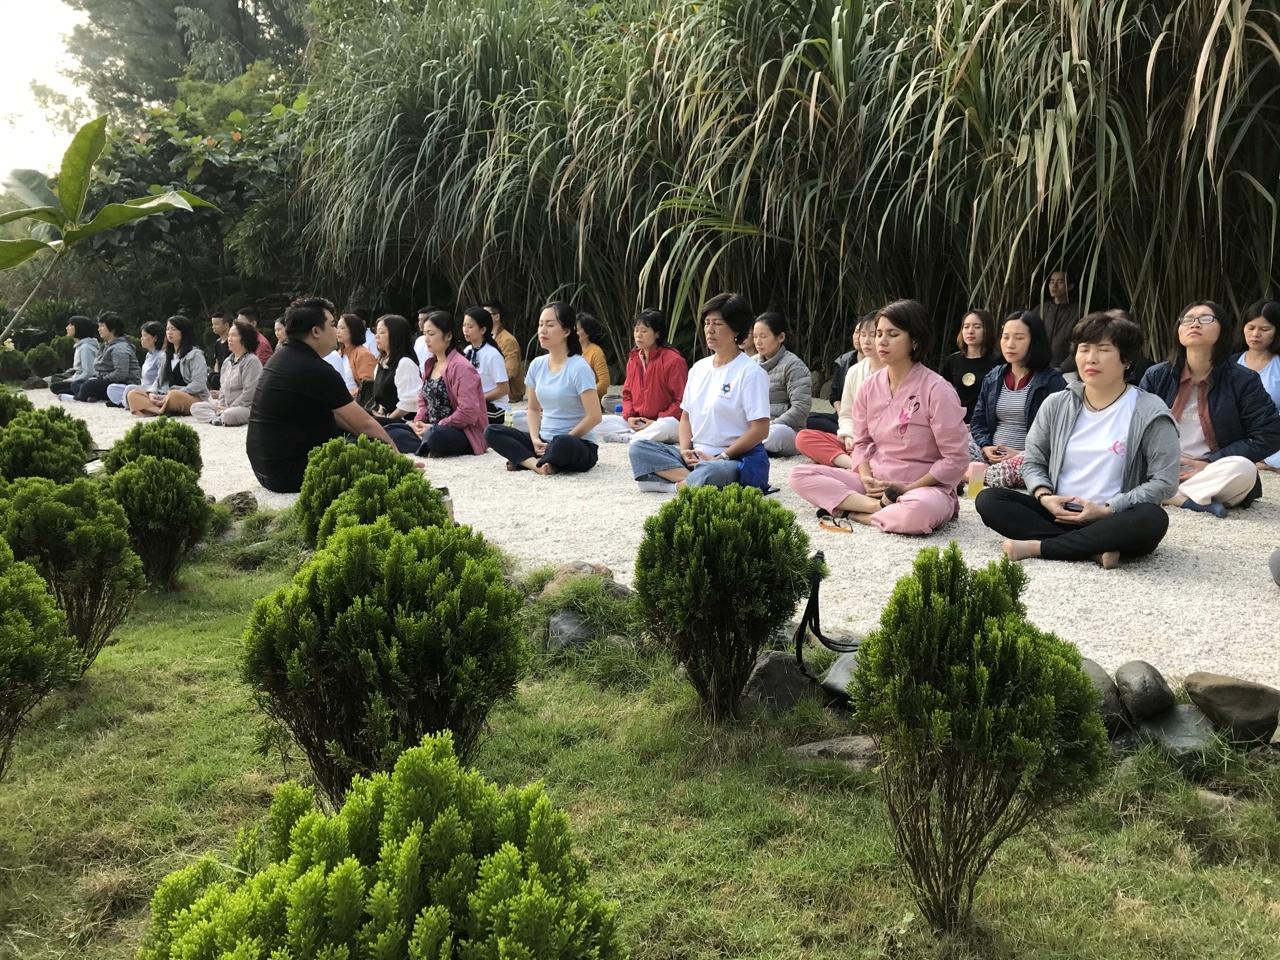 Thiền là phương pháp hữu hiệu giúp cơ thể hấp thụ năng lượng tốt từ thiên nhiên, vũ trụ thông qua 7 trung tâm năng lượng nằm dọc cơ thể, từ đó tăng cường sức khỏe Tâm – Thể – Trí.